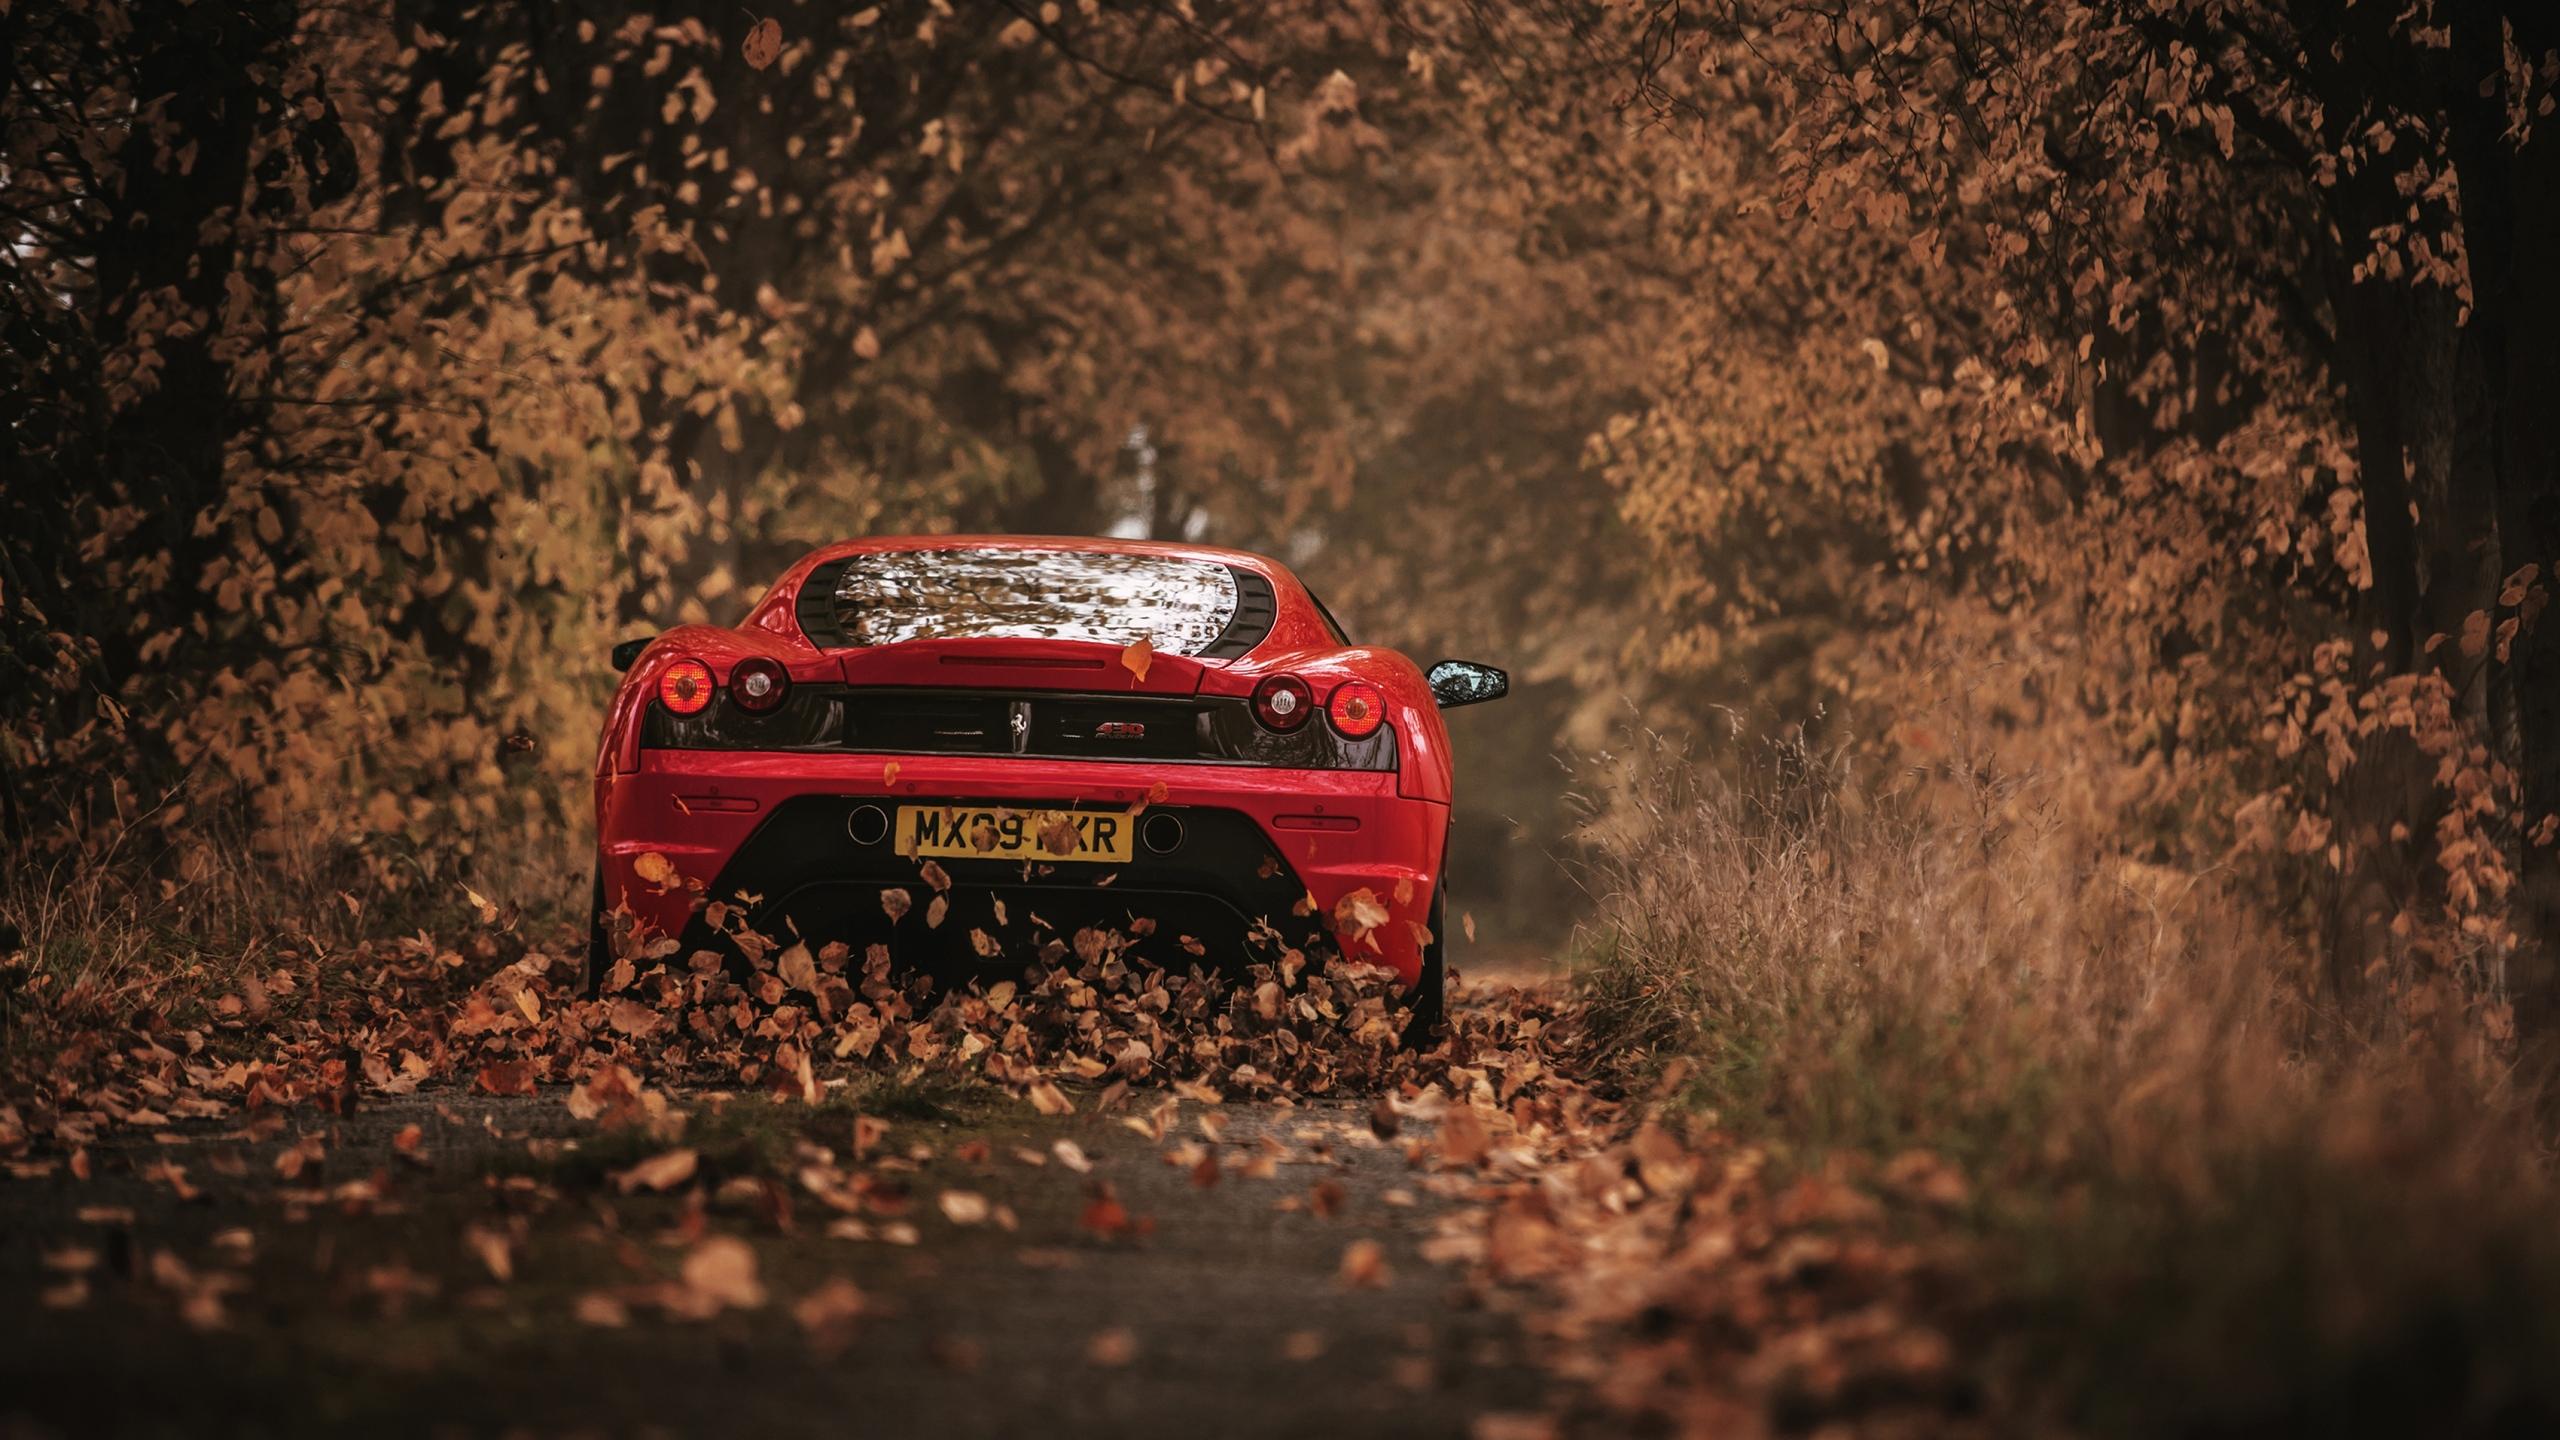 Download La Ferrari Hd Wallpaper 1440P  Gif